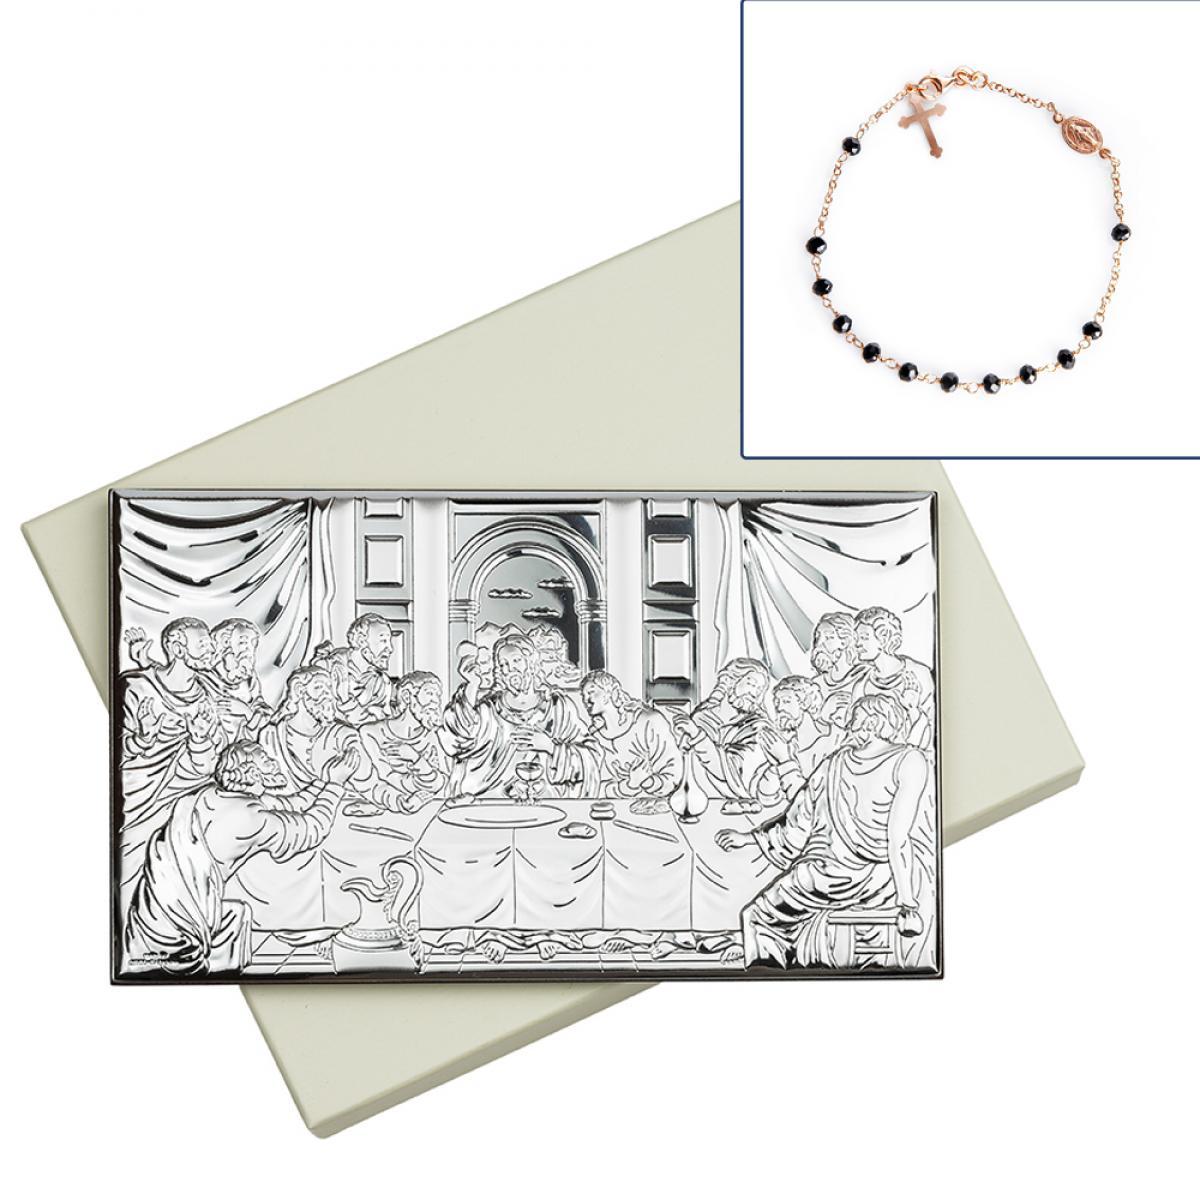 Подарунковий набір ``Ікона срібна``Тайна Вечеря`` та браслет``